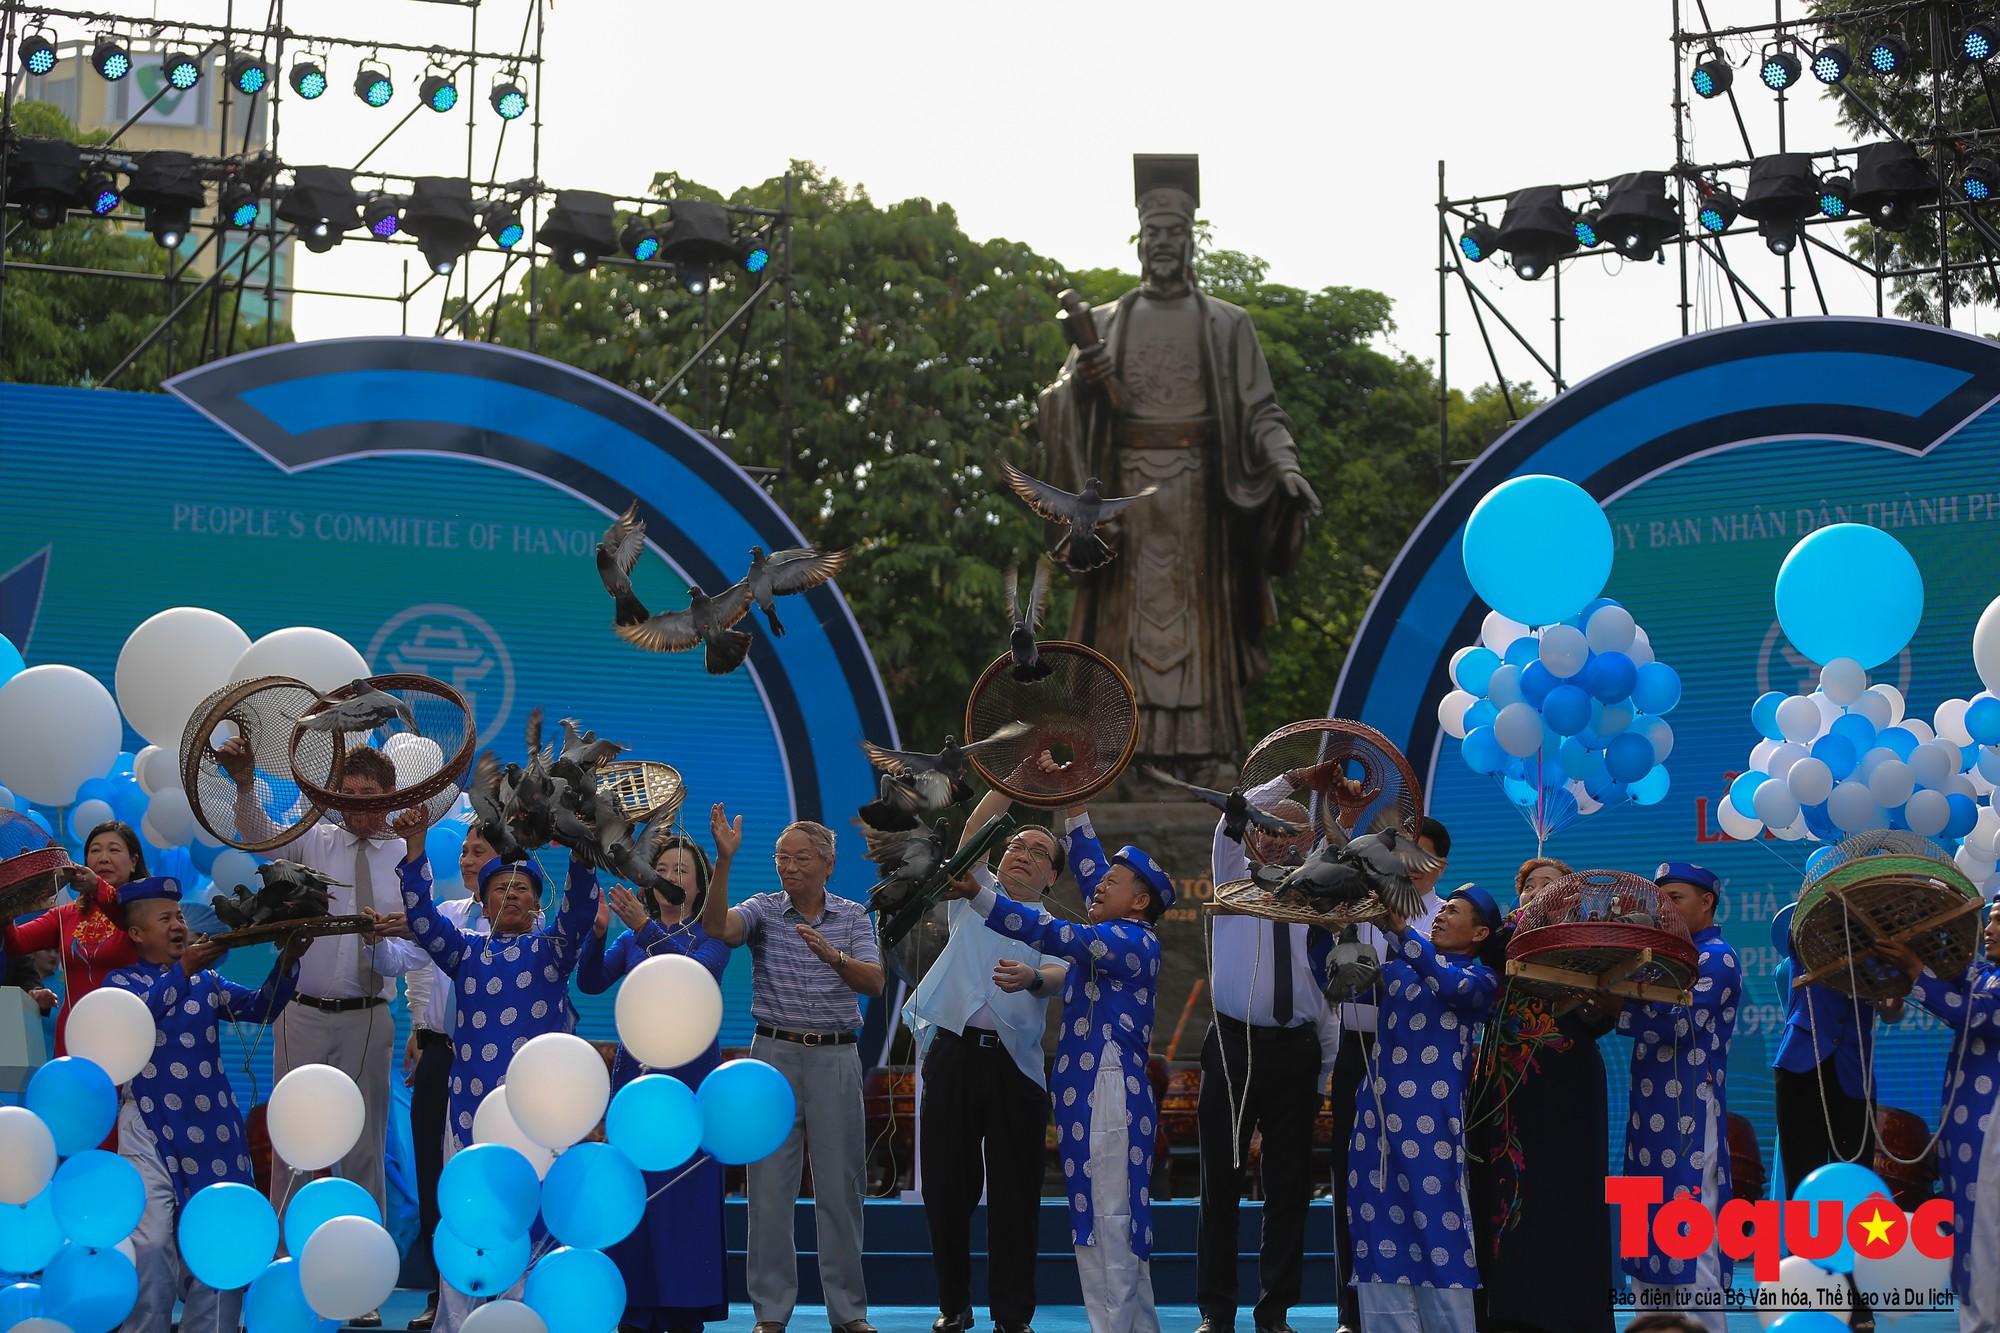 """Lễ kỷ niệm 20 năm thành phố Hà Nội đón nhận danh hiệu """"Thành phố Vì hòa bình"""" (4)"""